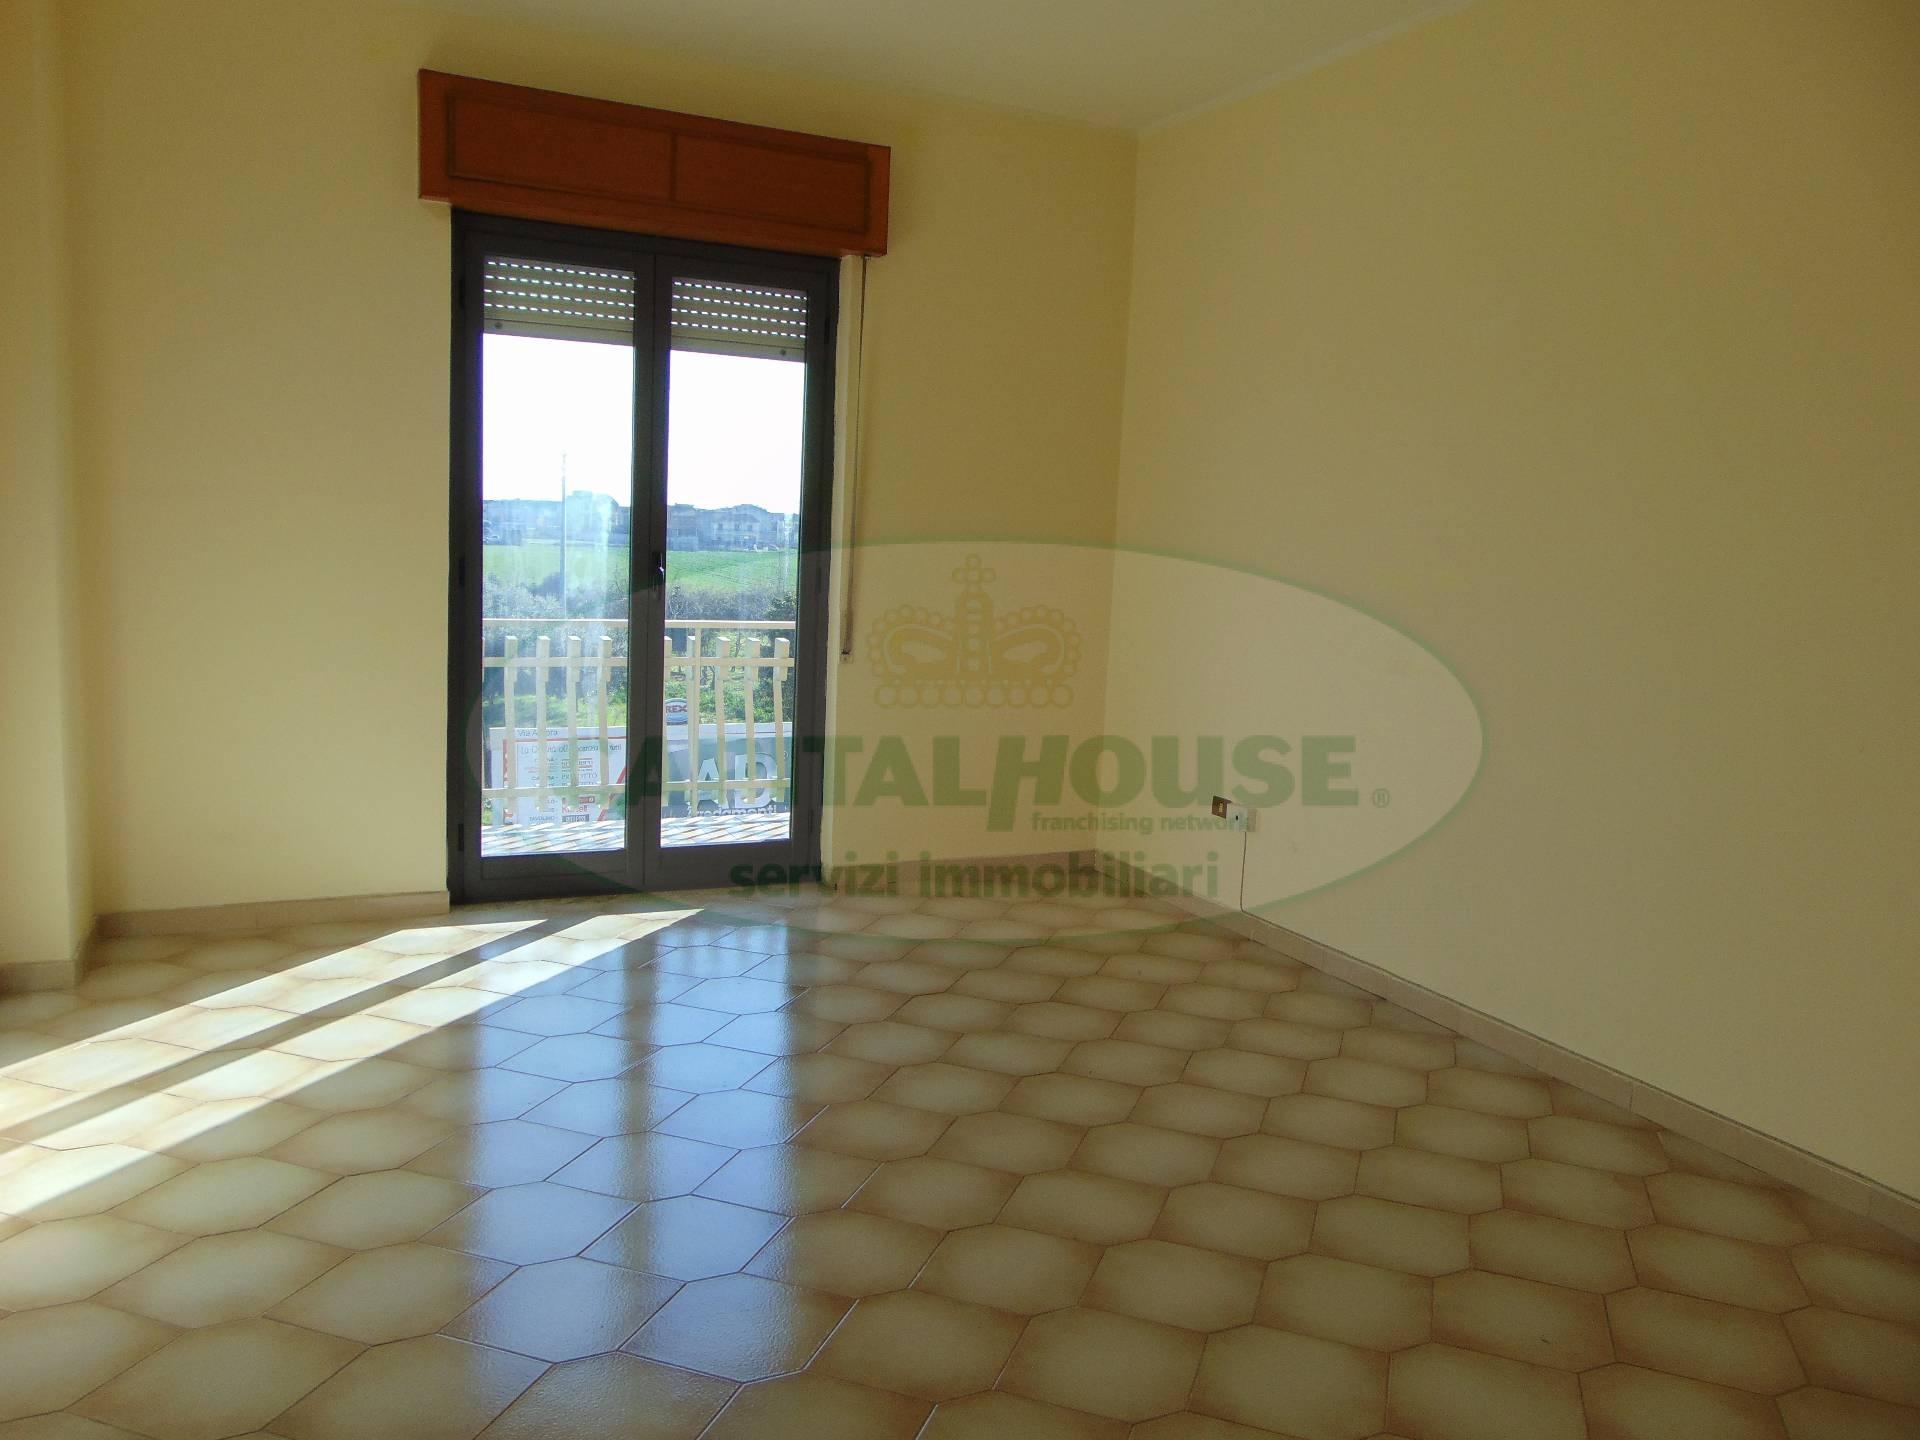 Appartamento in affitto a Curti, 2 locali, prezzo € 350 | Cambio Casa.it